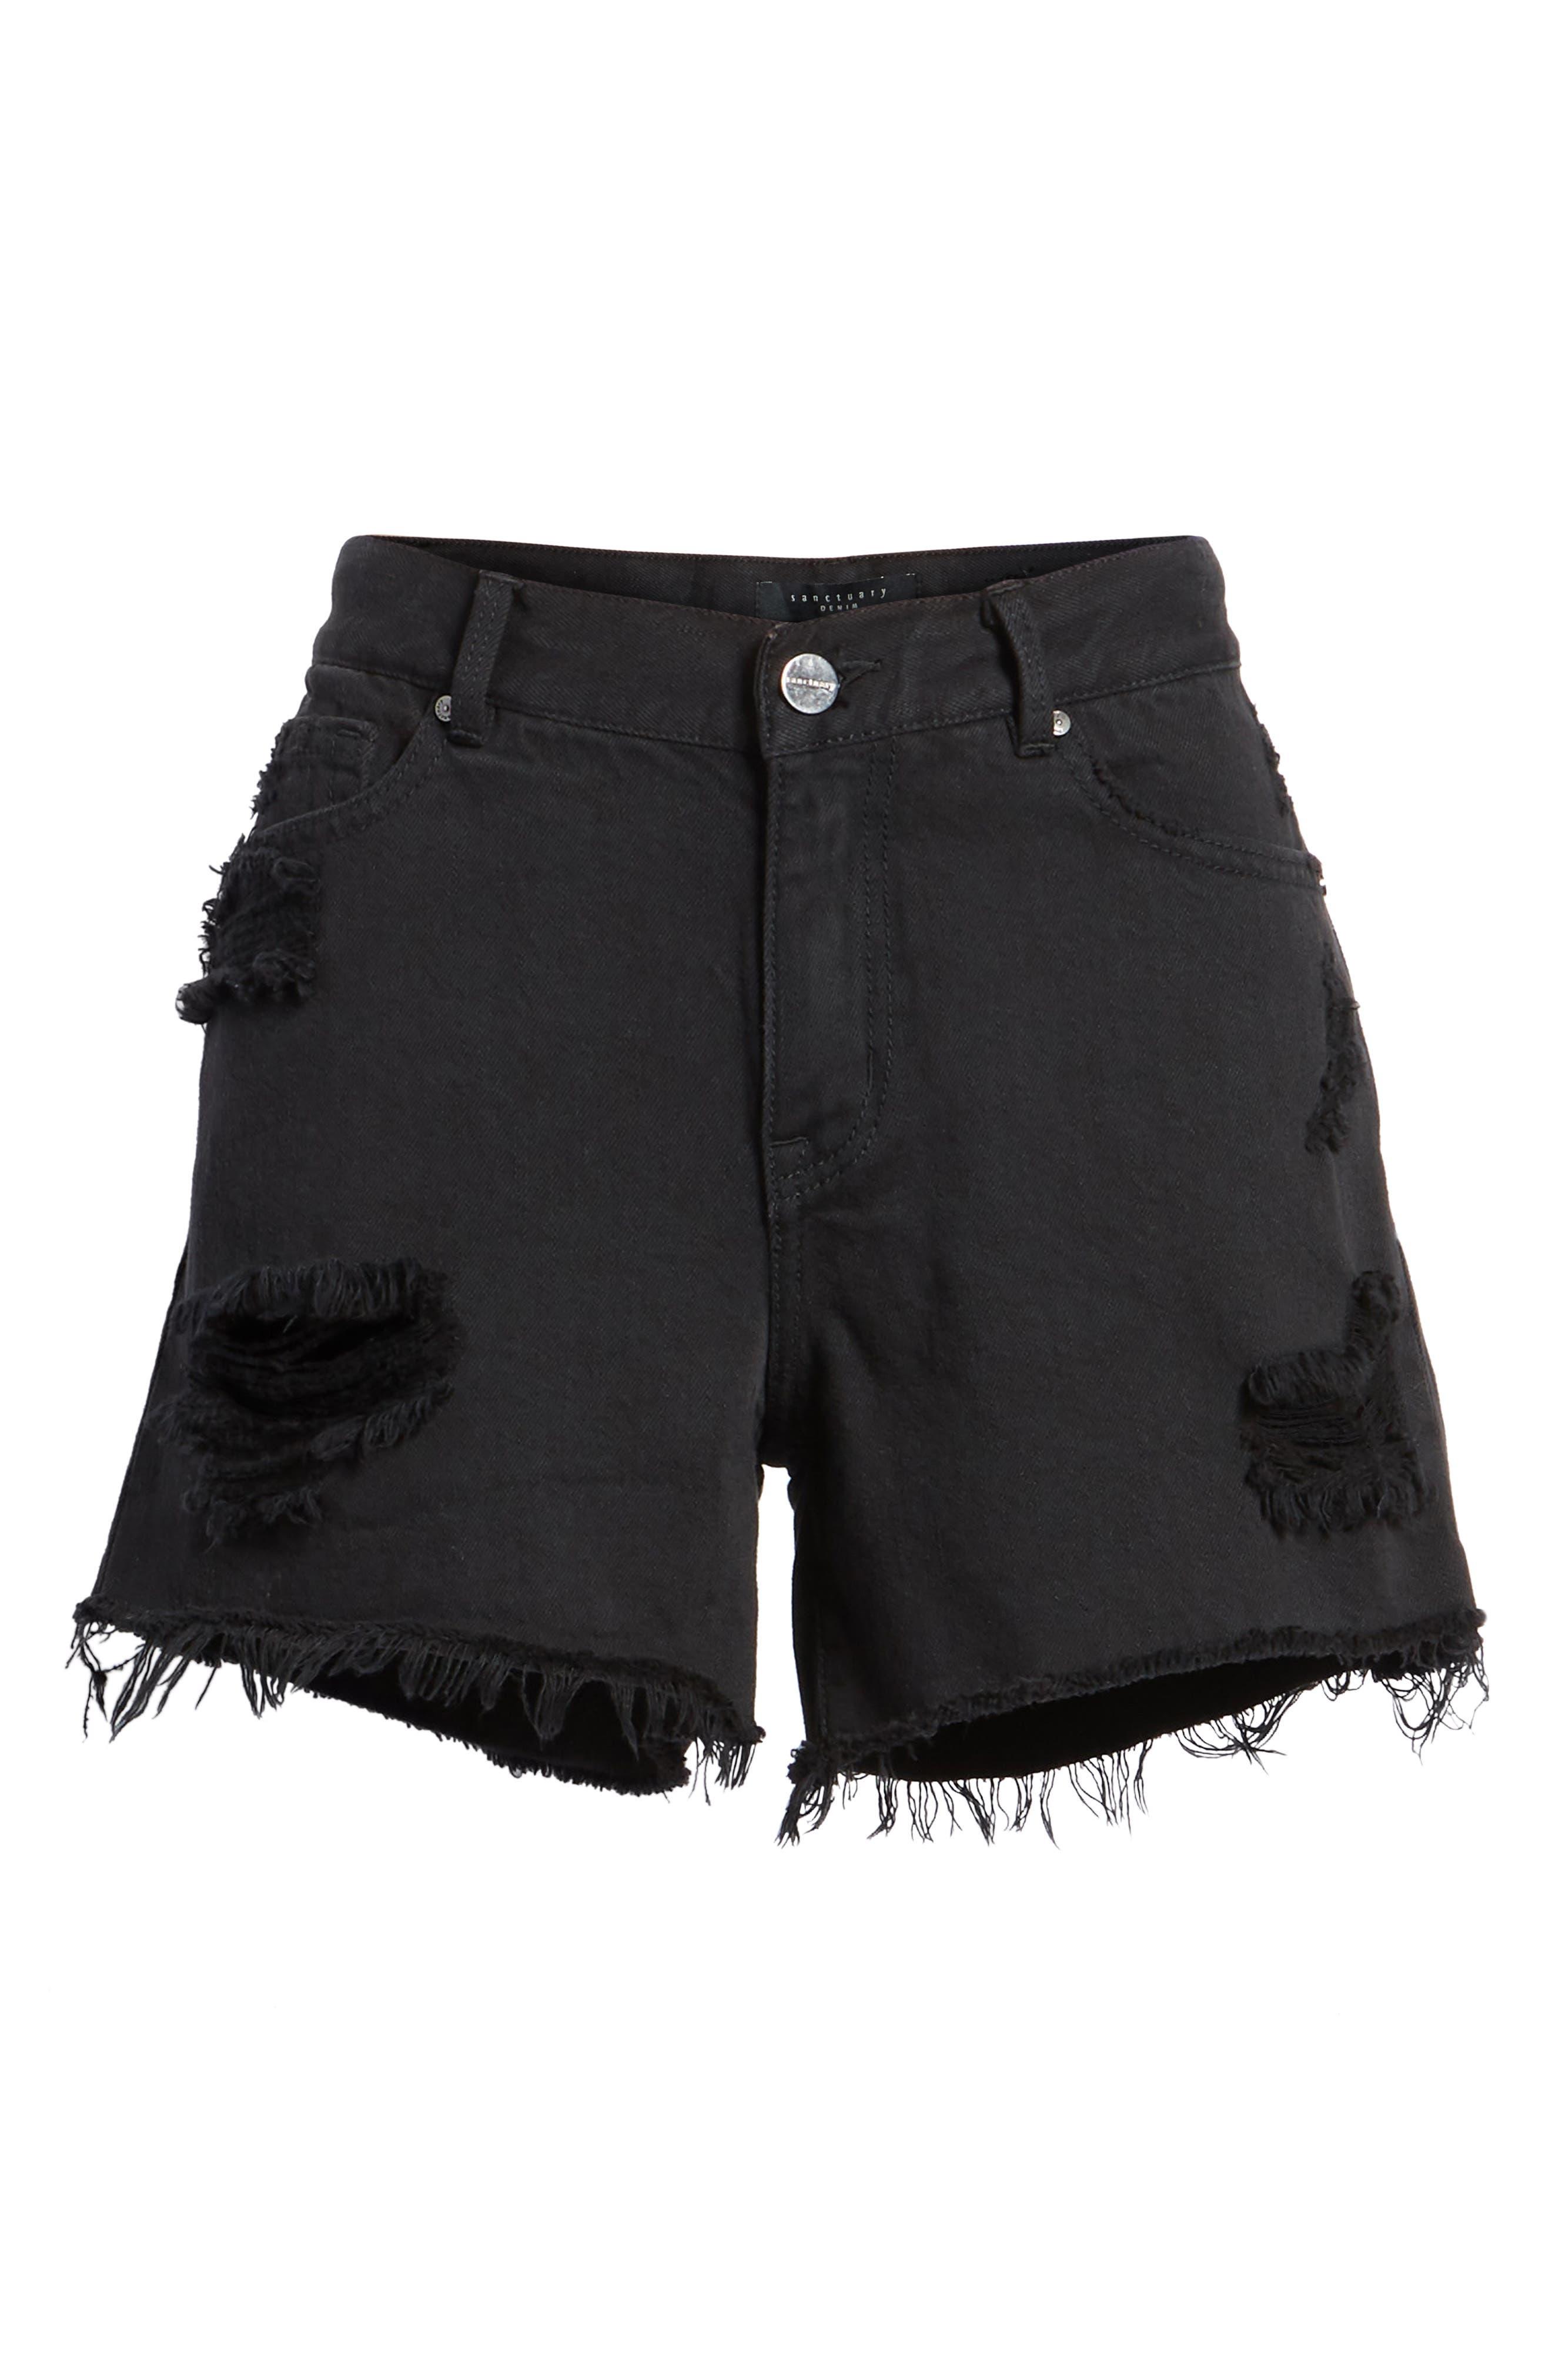 Black Midi Fray Shorts,                             Alternate thumbnail 6, color,                             Faded Black